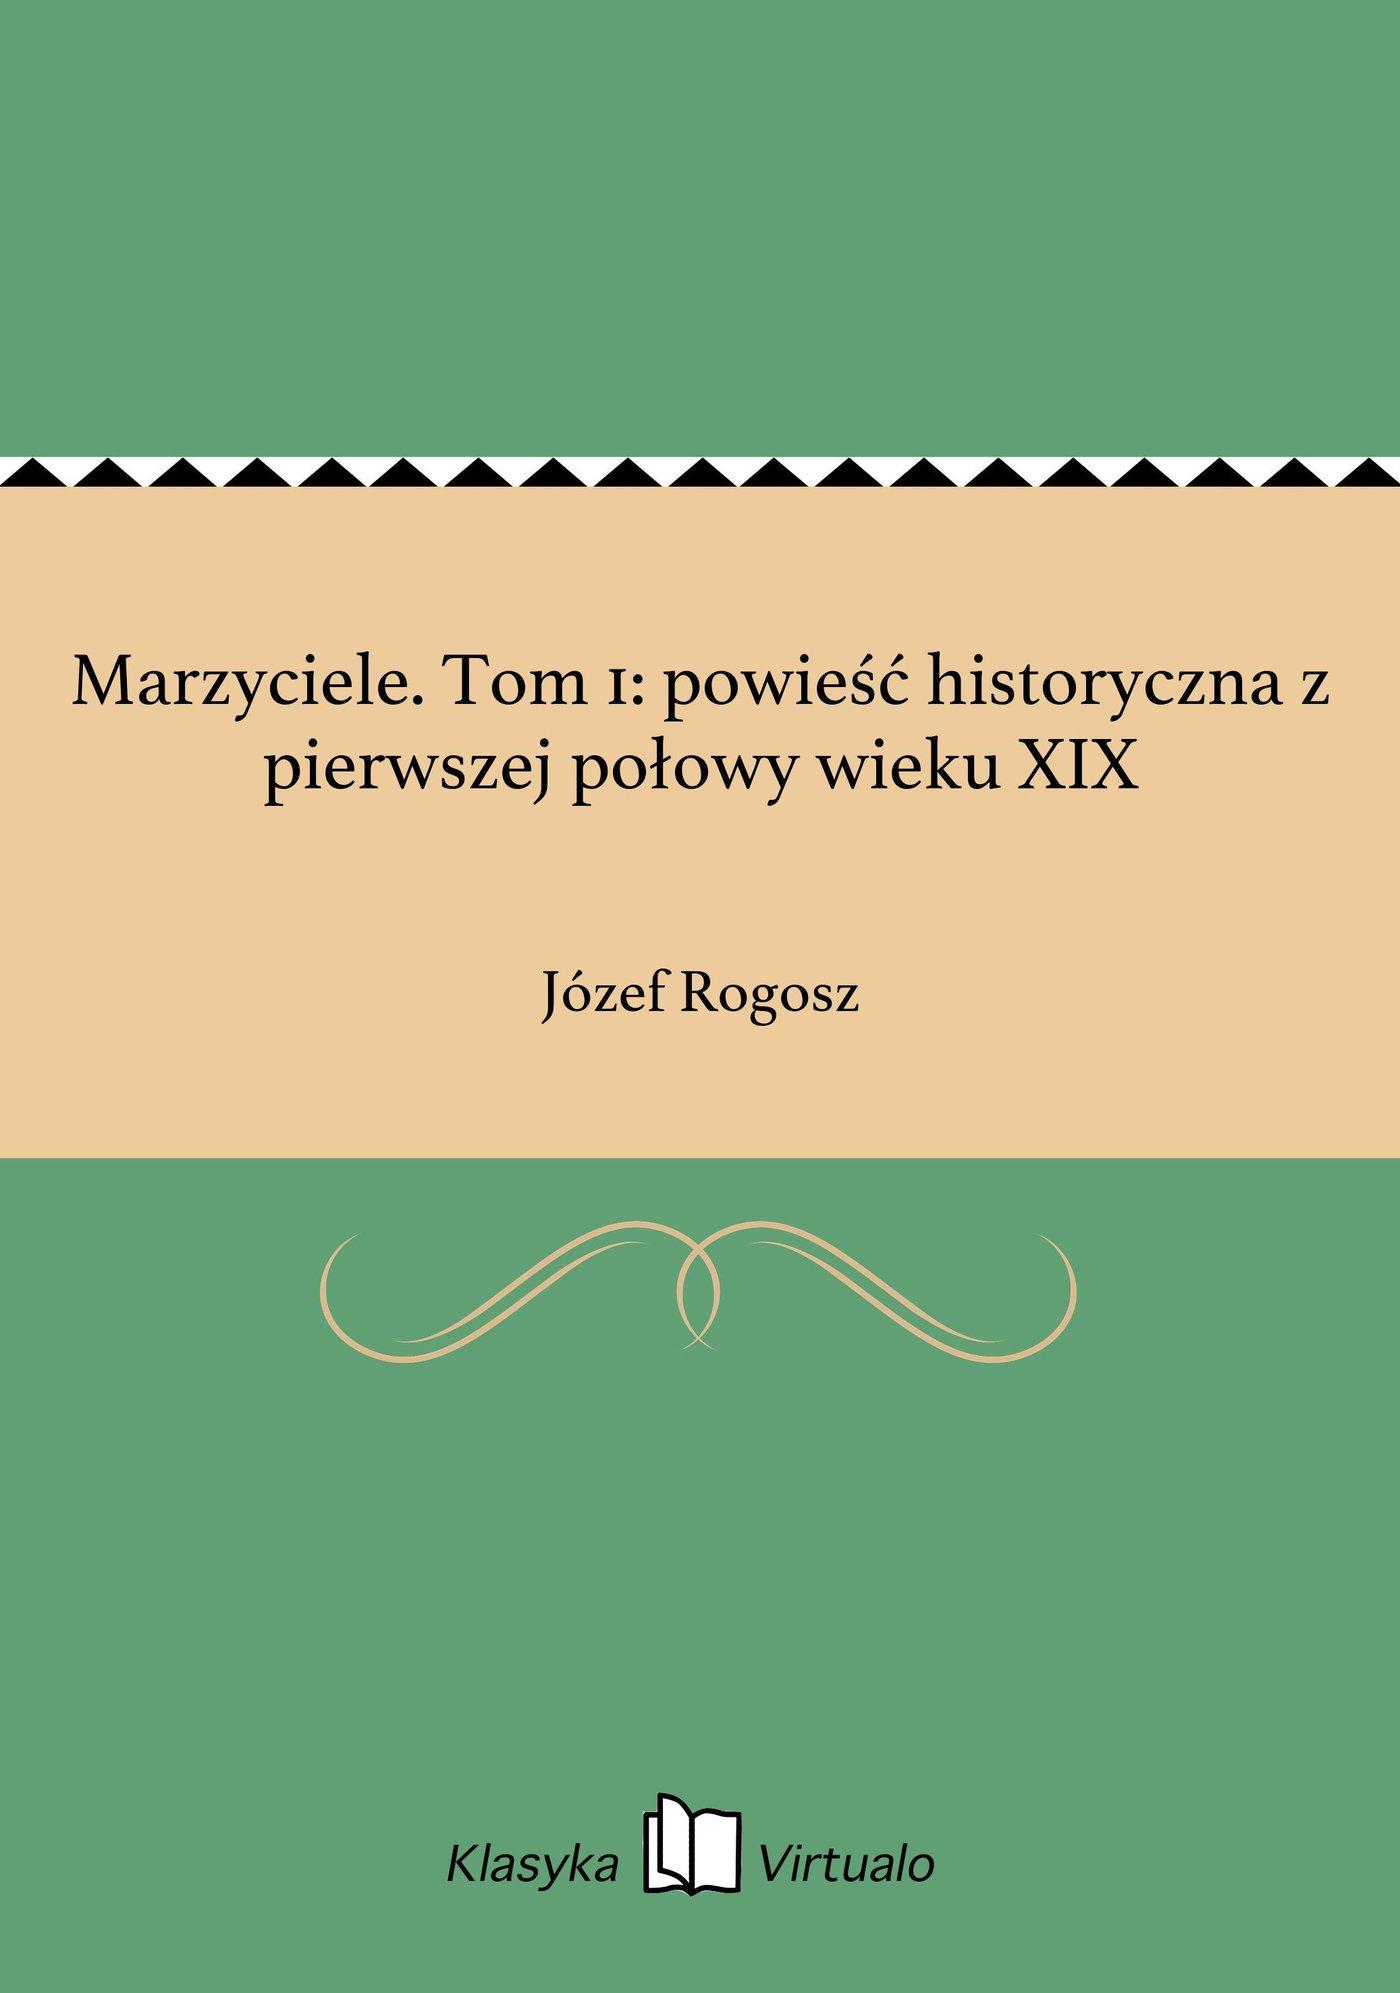 Marzyciele. Tom 1: powieść historyczna z pierwszej połowy wieku XIX - Ebook (Książka EPUB) do pobrania w formacie EPUB